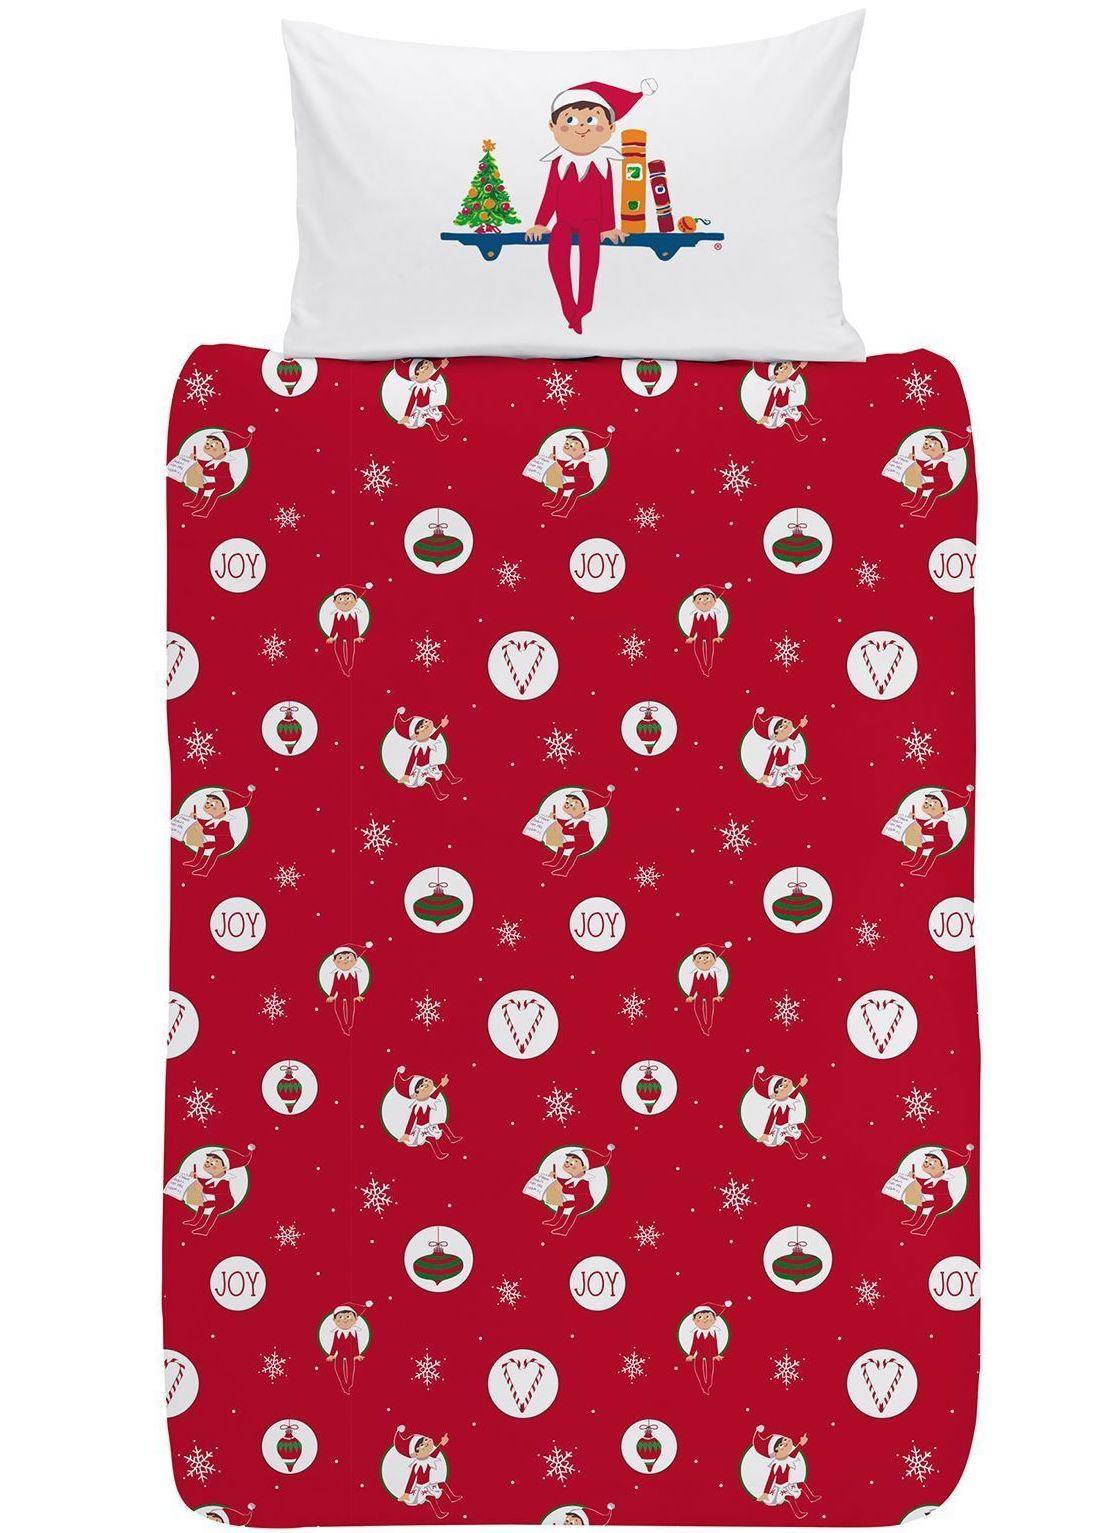 Wholesale Bulk The Elf On The Shelf Joy Junior Duvet Cover Wholesaler Character Bedding Best